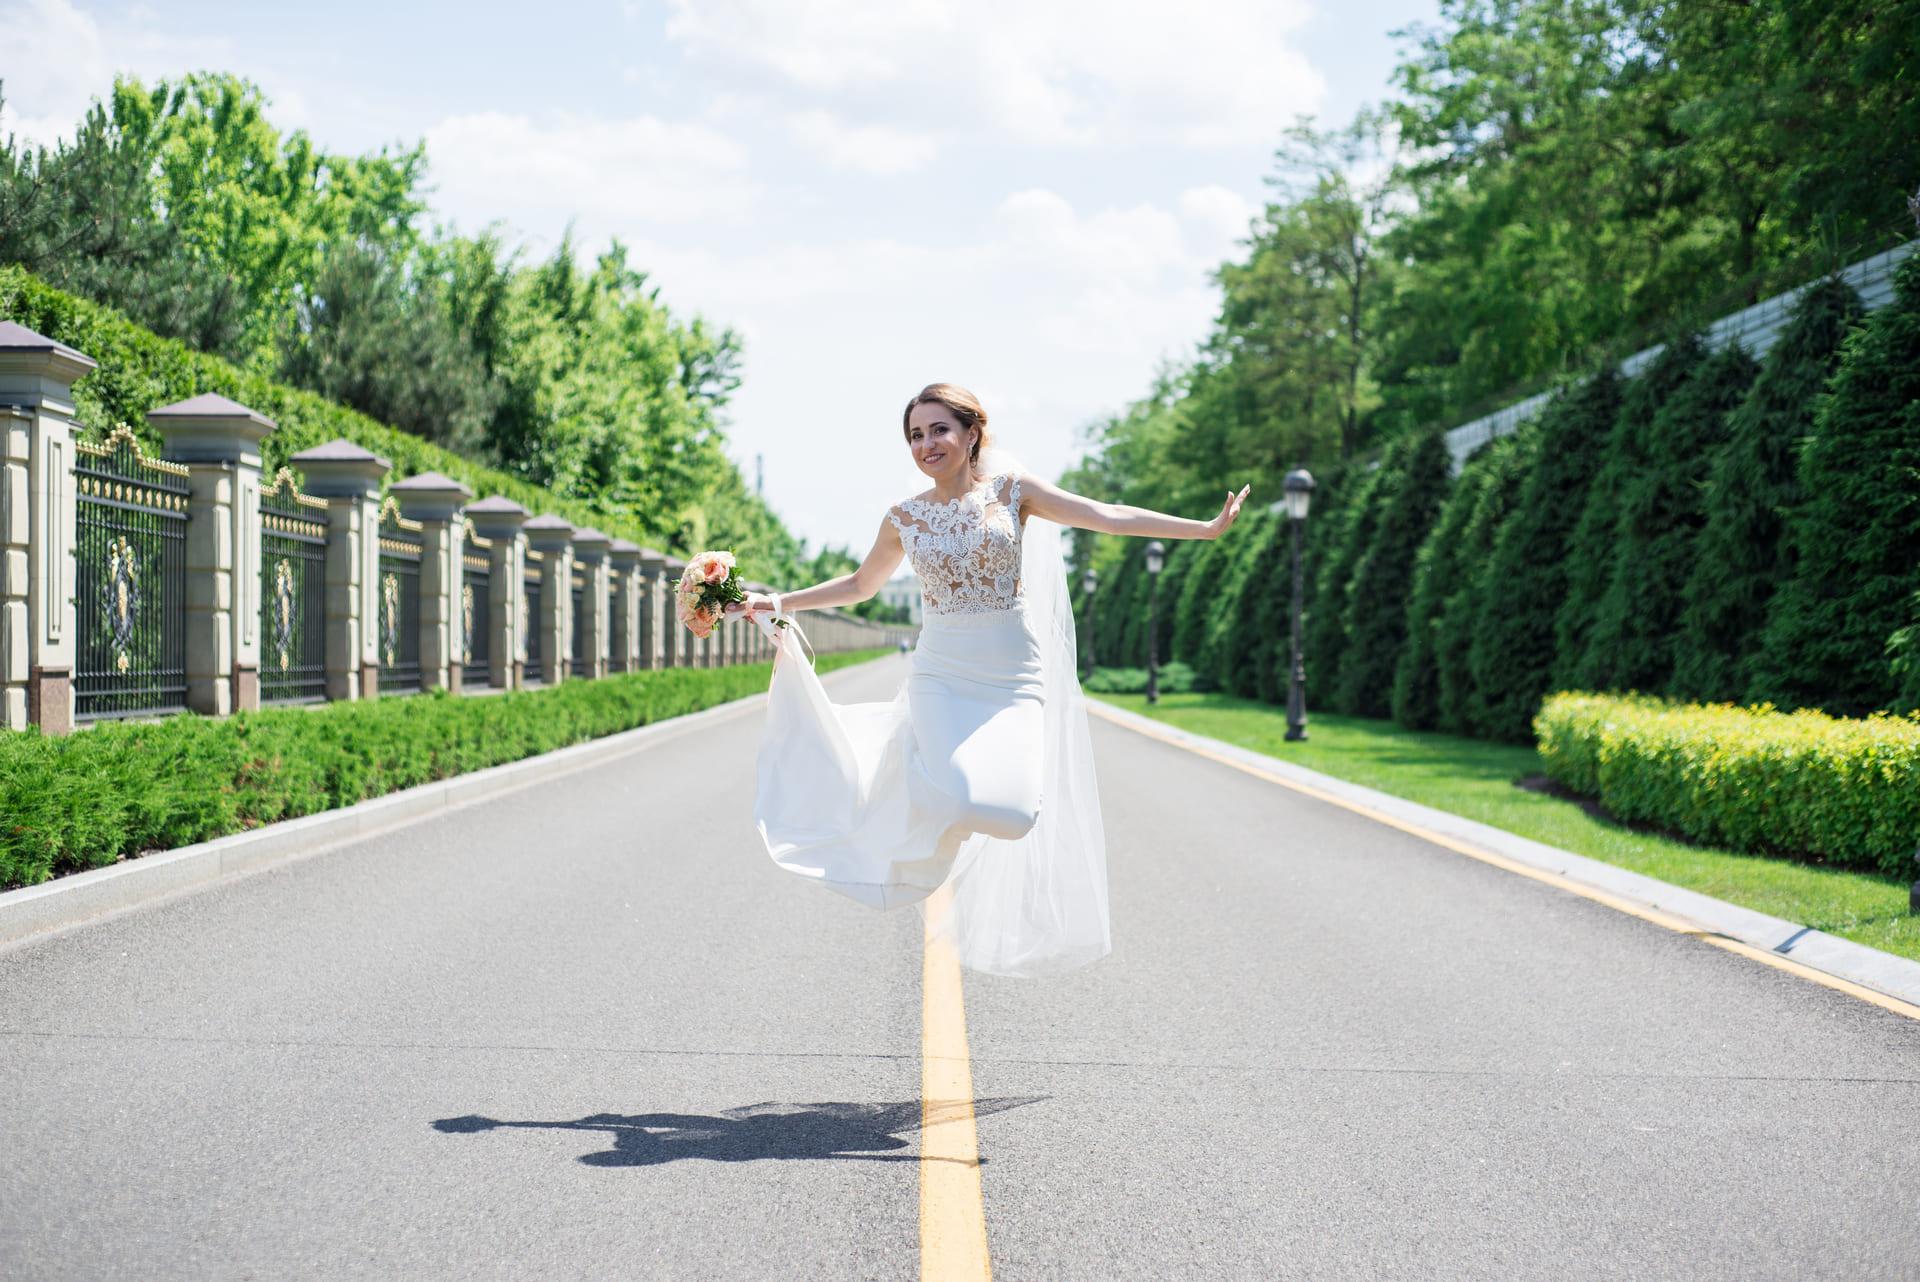 Свадебная фотосессия в Межигорье: Невеста прыгает от радости